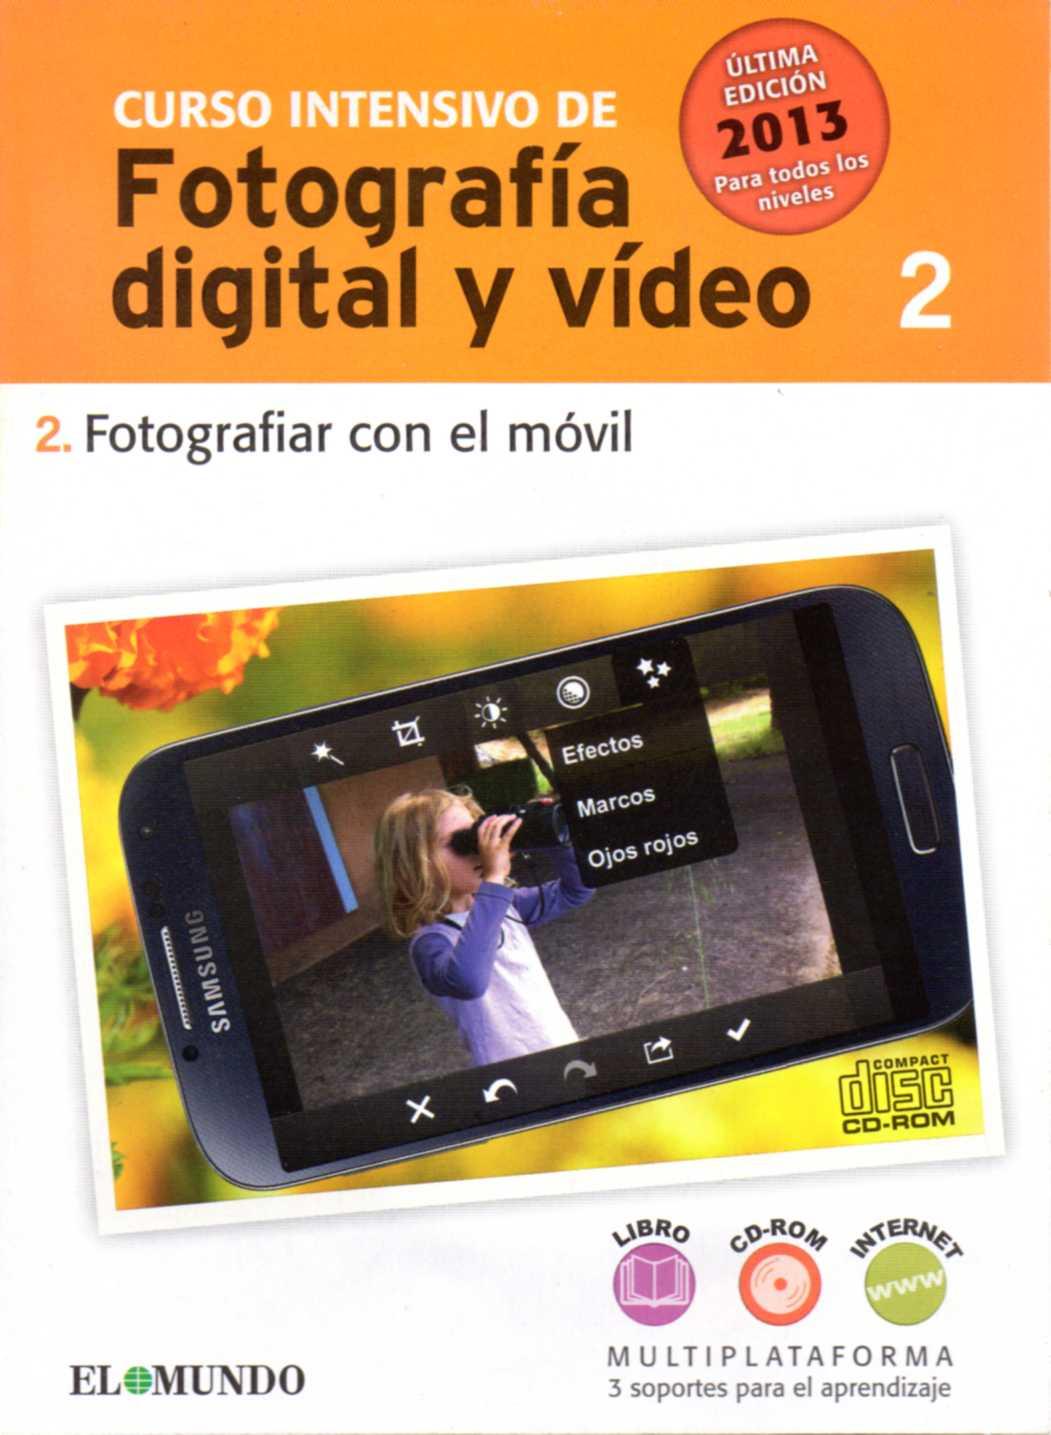 CURSO INTENSIVO DE FOTOGRAFÍA DIGITAL Y VÍDEO. CD-ROM nº 2: Fotografiar con el móvil.